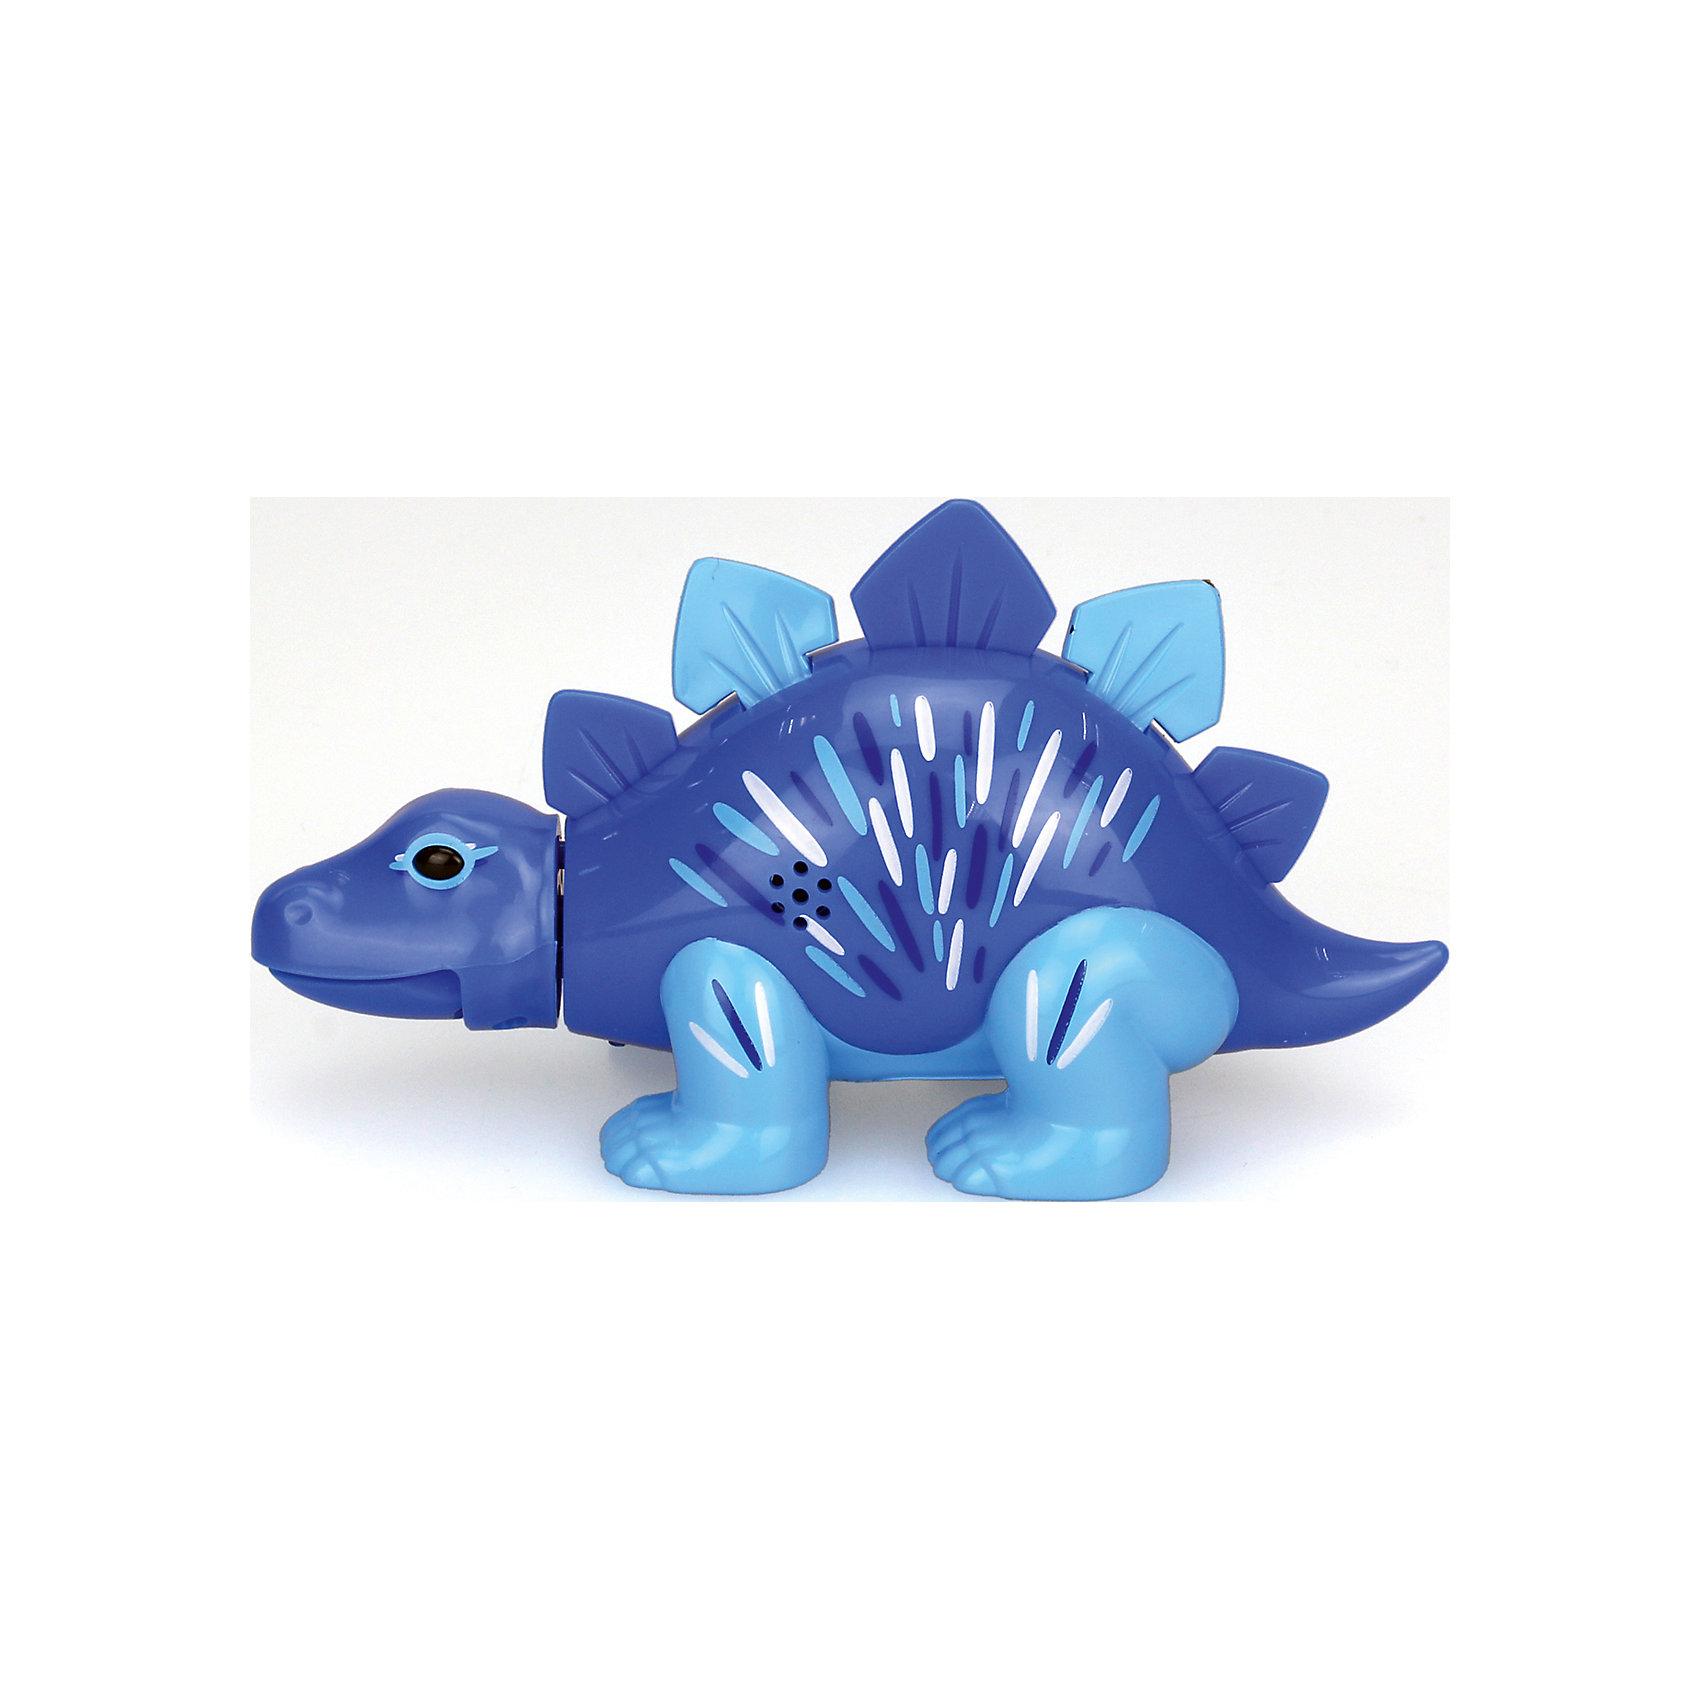 Поющий динозавр Digi Dinos, Стегозавр SimonХарактеристики товара:<br><br>- цвет: синий;<br>- материал: пластик, металл;<br>- батарейки: 3xAG13/LR44, в комплекте;<br>- размер упаковки: 16x10x7 см;<br>- габариты игрушки: 6,5x10x15 см;<br>- умеет петь, рычать, записывать звуки, шевелить головой и хвостом.<br><br>Такая игрушка в виде динозавра поможет ребенку весело проводить время - динозавр умеет петь, рычать, записывать звуки, шевелить головой и хвостом. Это выглядит очень забавно! Игрушка реагирует на звук от специального свистка, который входит в комплект. Также можно приобрести другие игрушки из этой серии - тогда они будут петь хором!<br>Динозавр способен помогать всестороннему развитию ребенка: развивать тактильное восприятие, мелкую моторику, воображение, внимание и логику. Изделие произведено из качественных материалов, безопасных для ребенка. Набор станет отличным подарком детям!<br><br>Игрушку Стегозавр, синий, от бренда DigiBirds можно купить в нашем интернет-магазине.<br><br>Ширина мм: 115<br>Глубина мм: 150<br>Высота мм: 62<br>Вес г: 128<br>Возраст от месяцев: 36<br>Возраст до месяцев: 2147483647<br>Пол: Унисекс<br>Возраст: Детский<br>SKU: 5156844